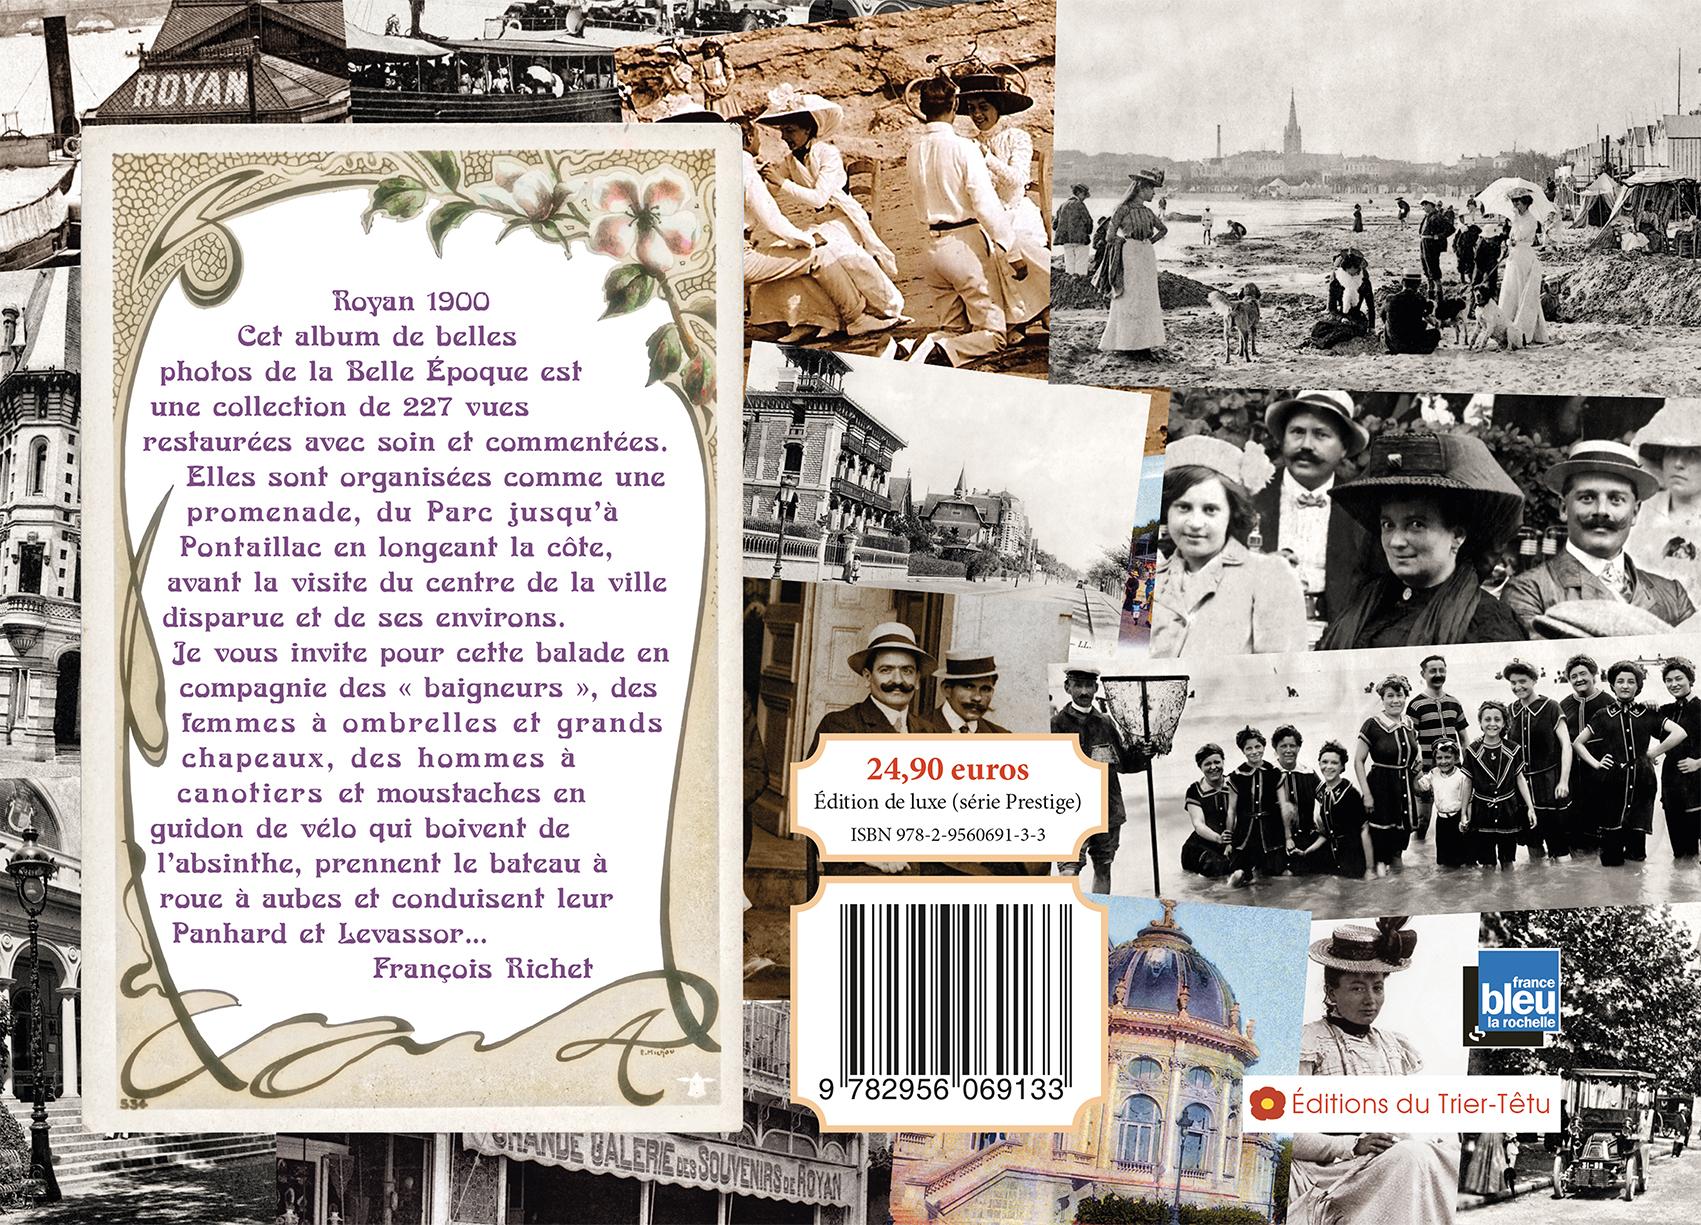 Royan 1900 le livre, présentation